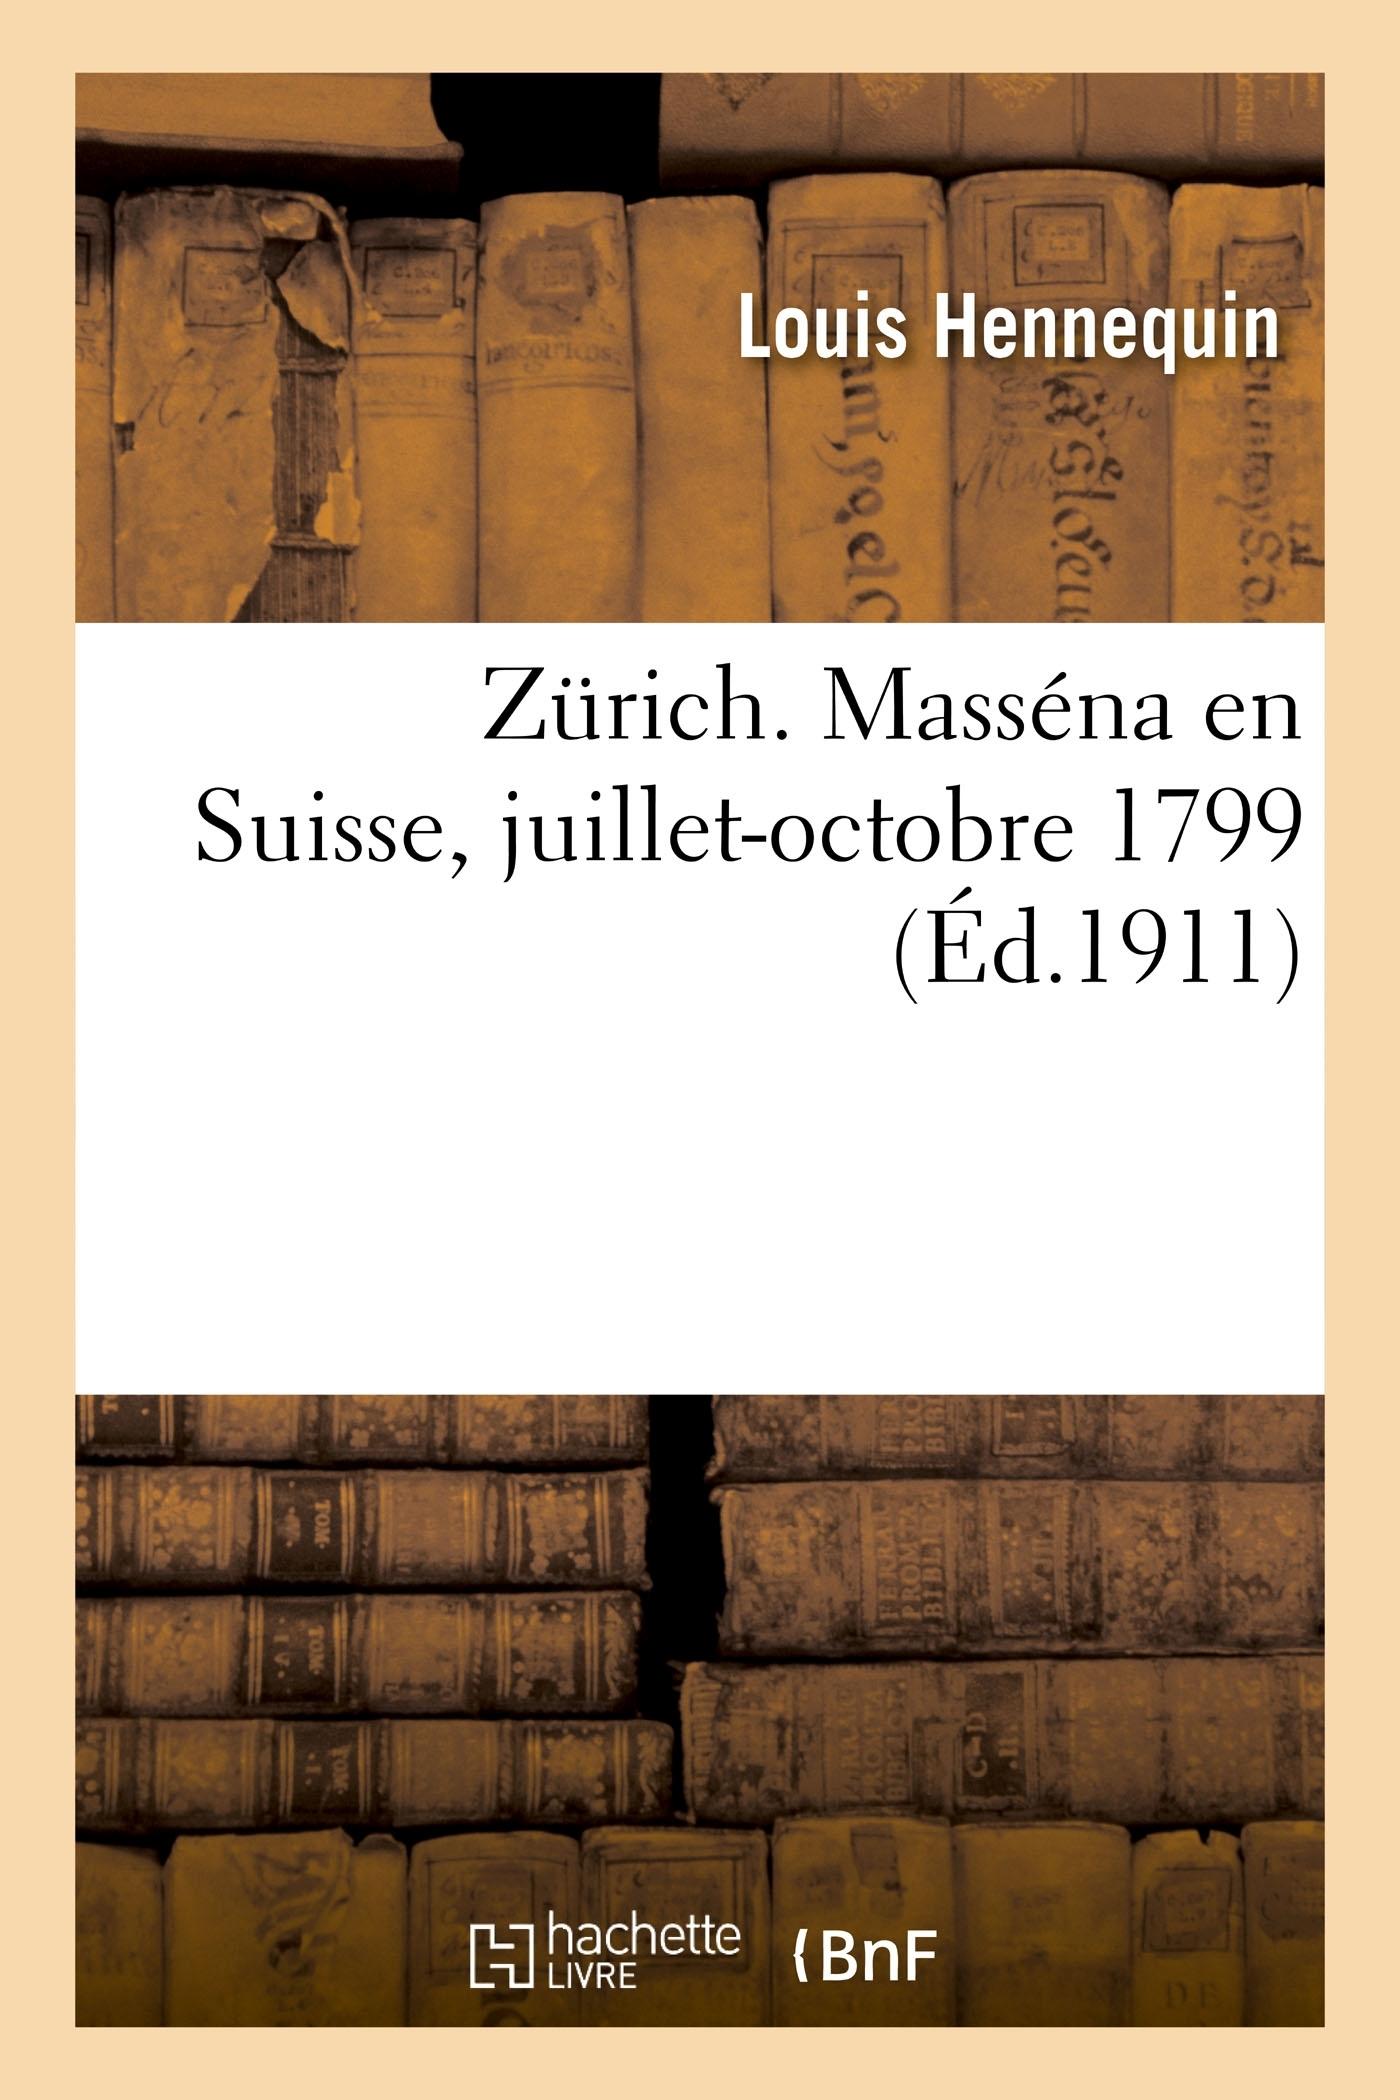 ZURICH. MASSENA EN SUISSE, JUILLET-OCTOBRE 1799